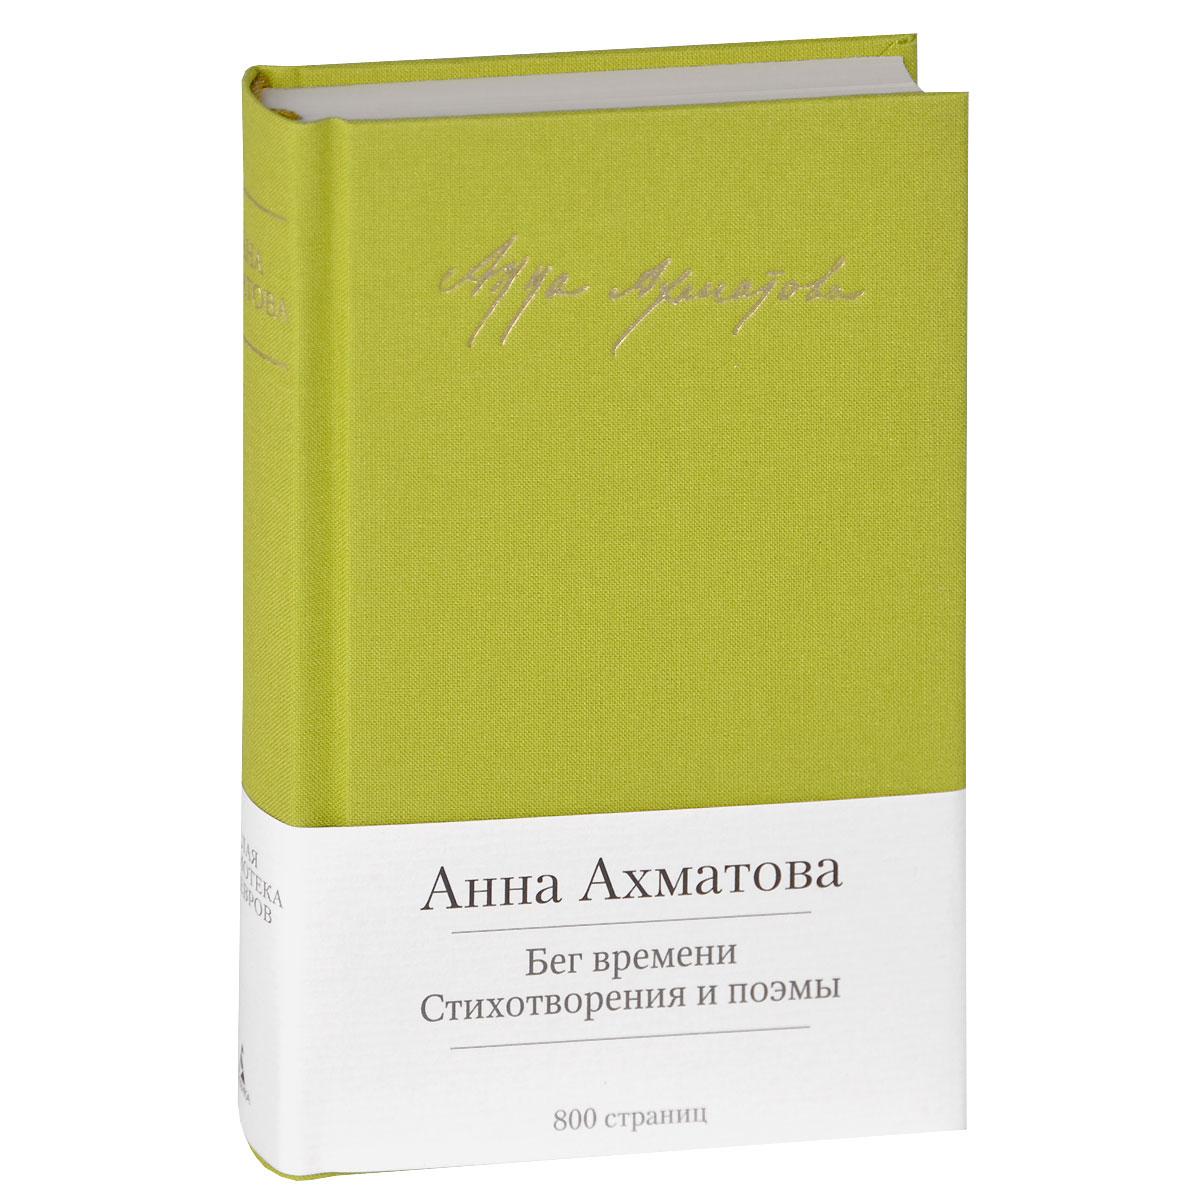 Бег времени12296407Анна Андреевна Ахматова - крупнейшая поэтесса XX века. В 1923 году филолог Б.М.Эйхенбаум сказал о ее творчестве: Поэзия Ахматовой для новых людей - не то, что для нас. Мы недоумевали, удивлялись, восторгались, спорили и, наконец, стали гордиться. Им наши восторги не нужны. Они не удивляются, потому что пришли позже. В настоящем издании представлена большая часть творческого наследия Ахматовой: книги Вечер, Четки, Белая стая, Подорожник, Аnnо Domini, Тростник, Бег времени, поэмы Путем всея земли (Китежанка) и Реквием. Сюда вошли также Поэма без Героя, автобиографическая и мемуарная проза. Тексты сверены по автографам, хранящимся в государственных архивах и частных собраниях, а также по первым публикациям в периодической печати. Сохранены особенности авторской орфографии, пунктуация подлинников, соблюдается по возможности вид записи произведений. Полиграфическое исполнение: - Безупречная европейская полиграфия, элитные материалы: нарядный...